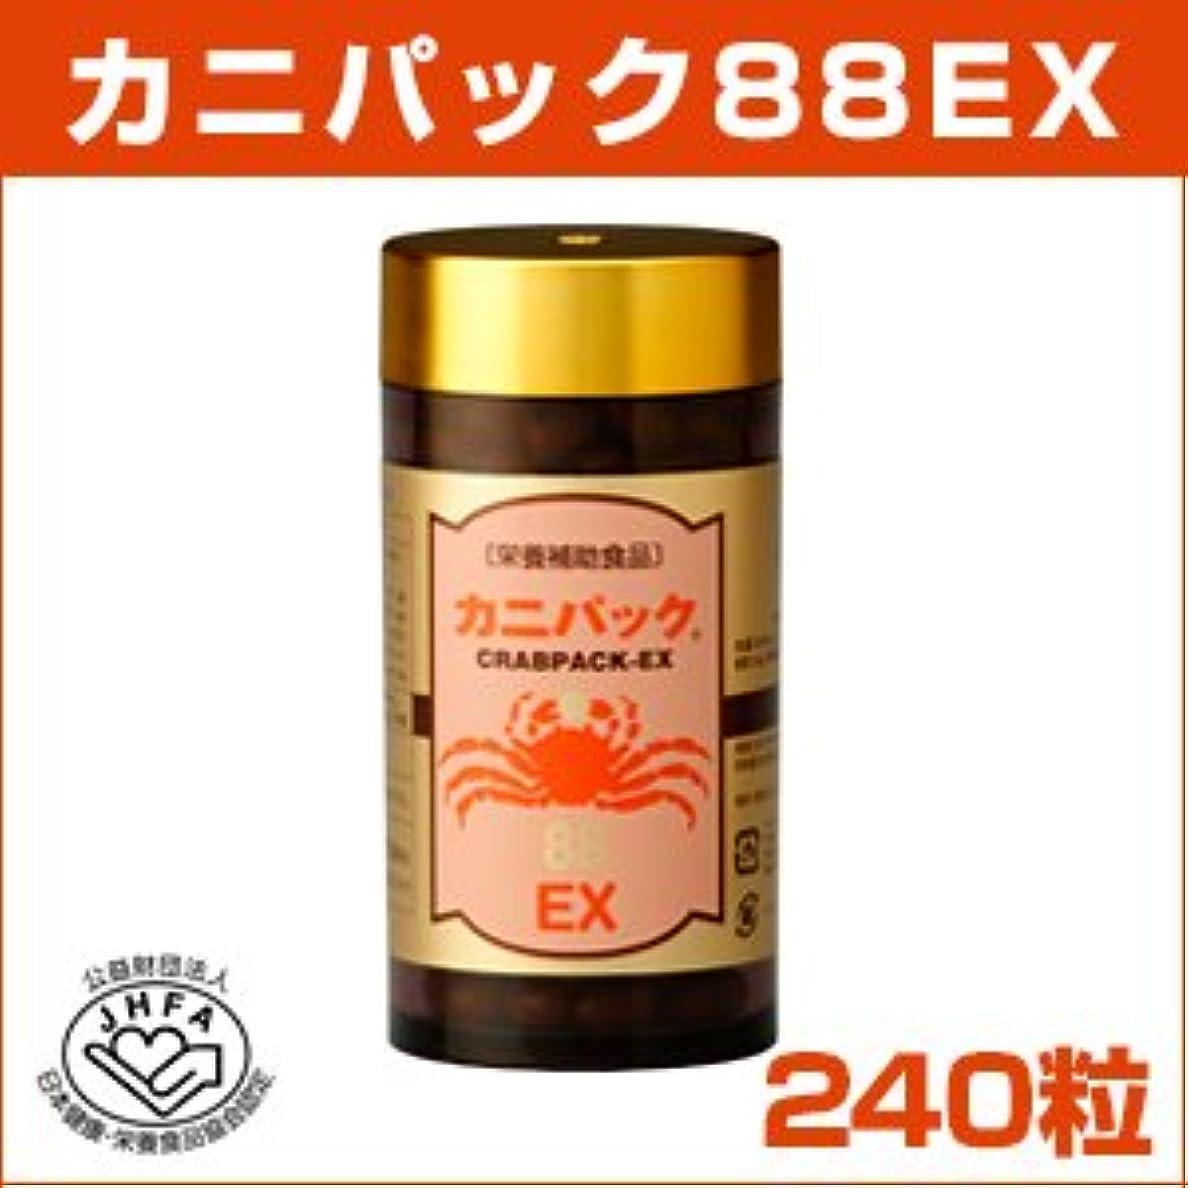 精神リップマニフェストカニパック88EX (240粒入)